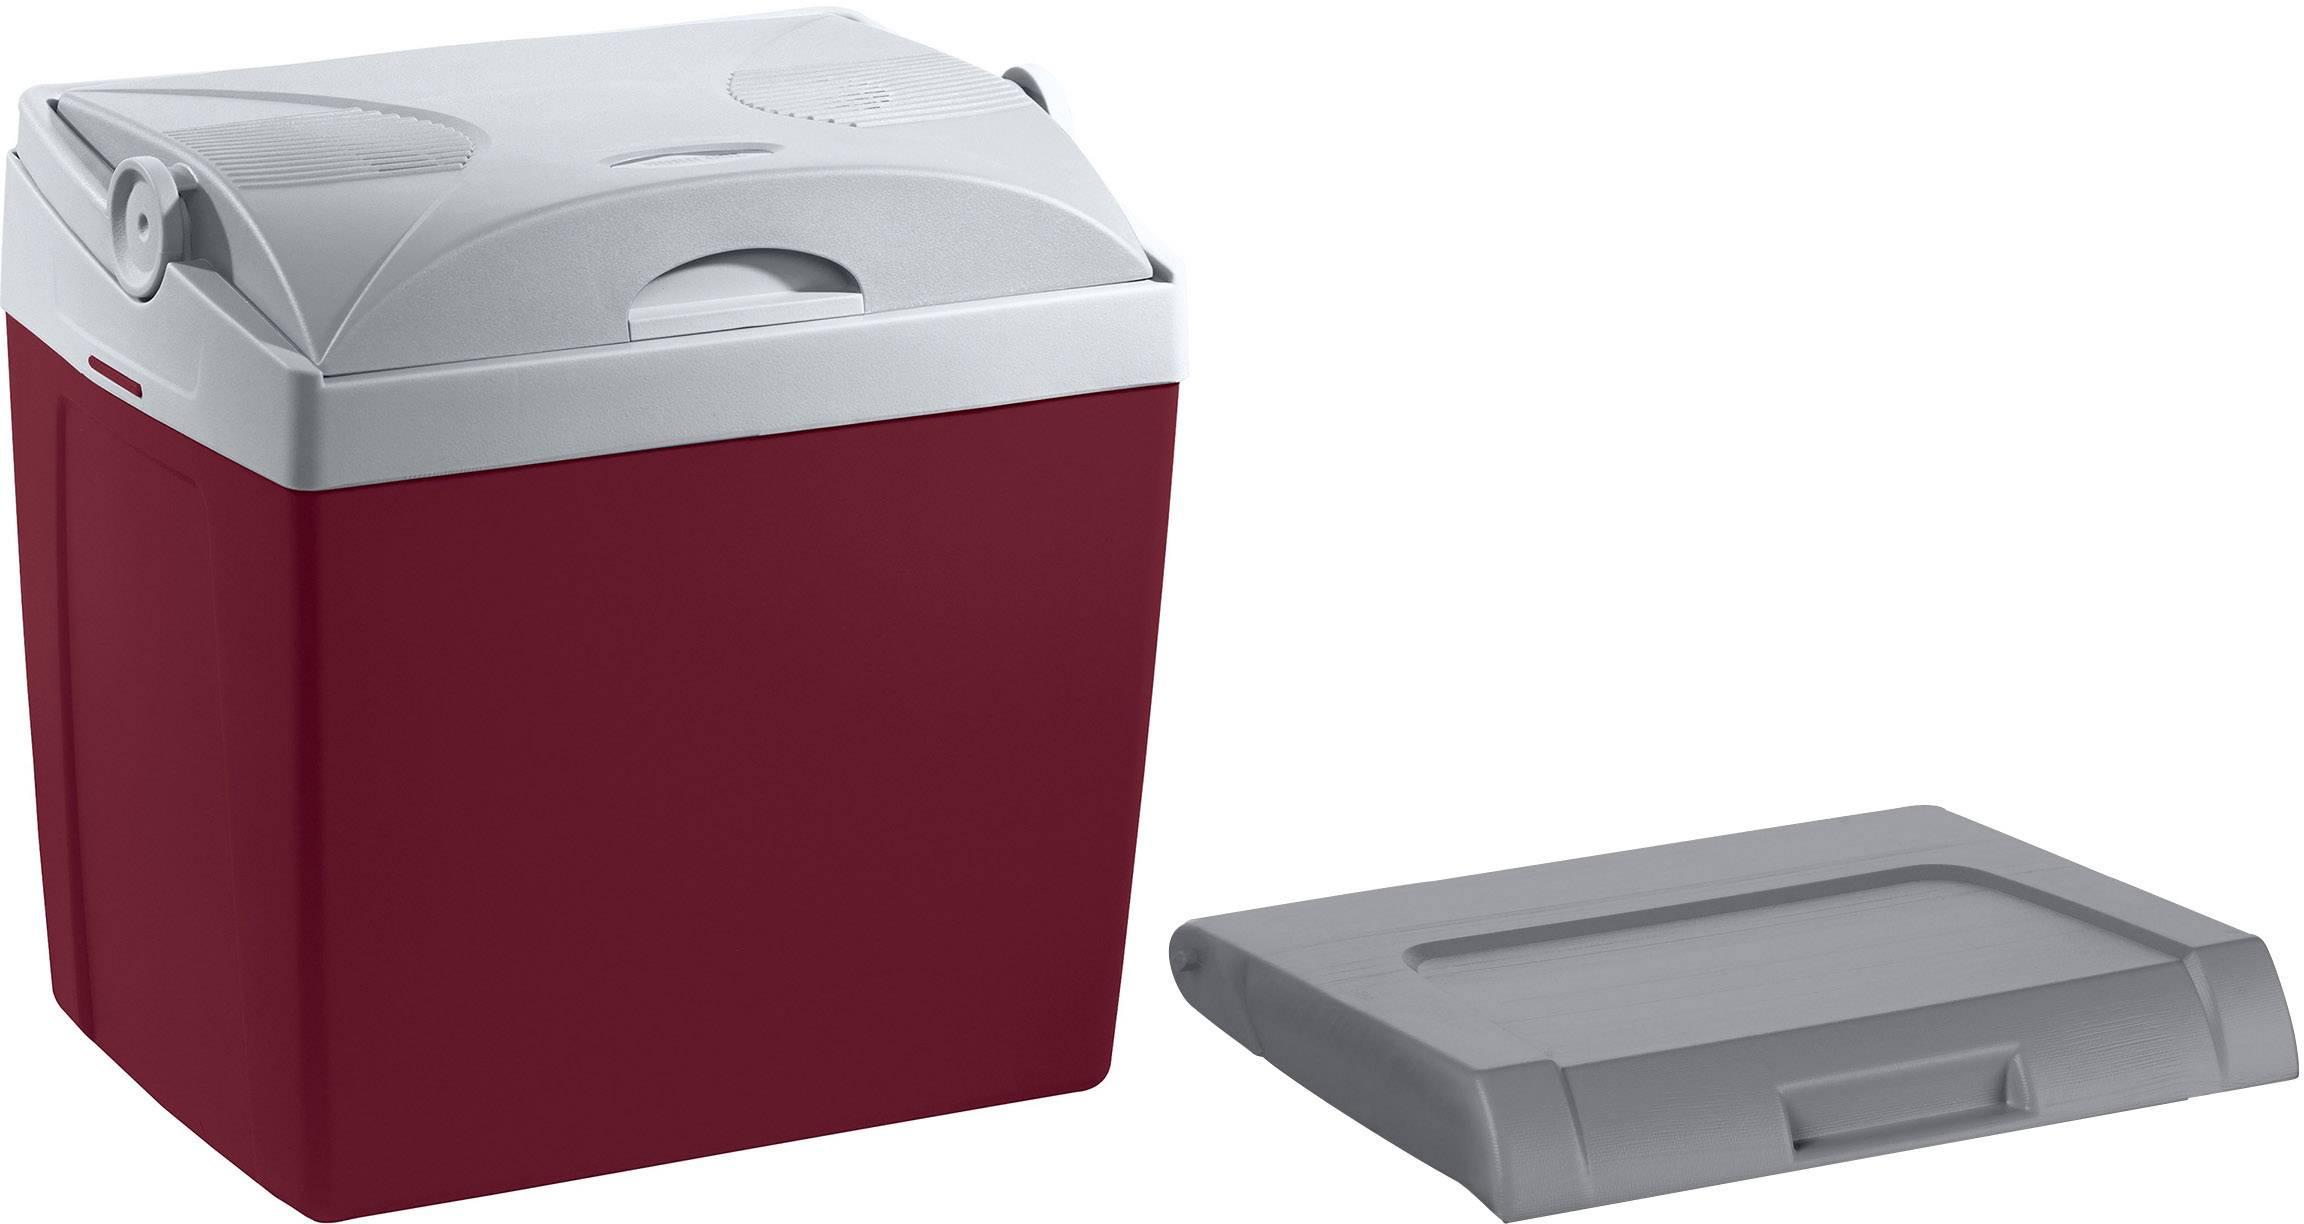 Kleiner Kühlschrank Conrad : Kühlbox auto v günstig online kaufen bei conrad